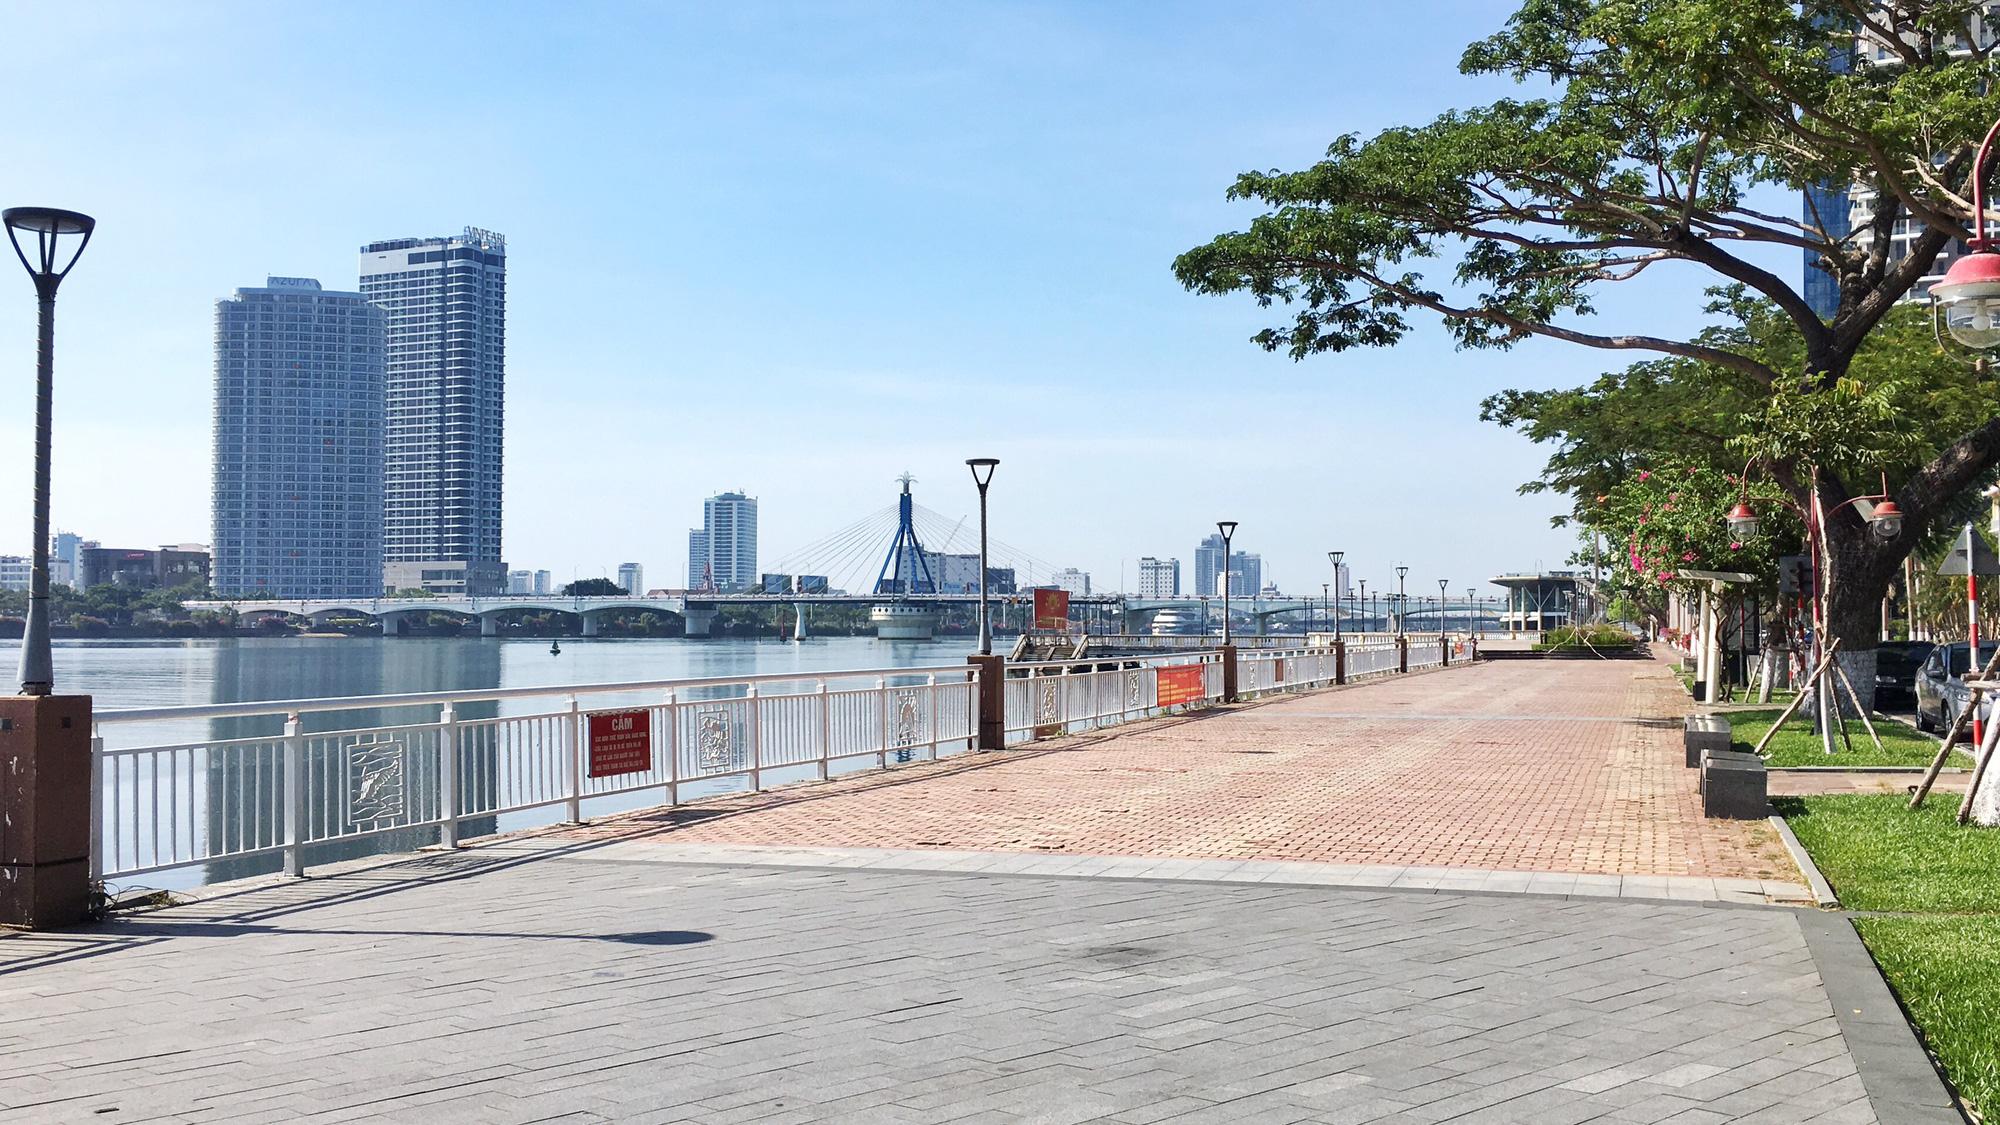 Đất vàng trung tâm Đà Nẵng làm quảng trường - Ảnh 7.